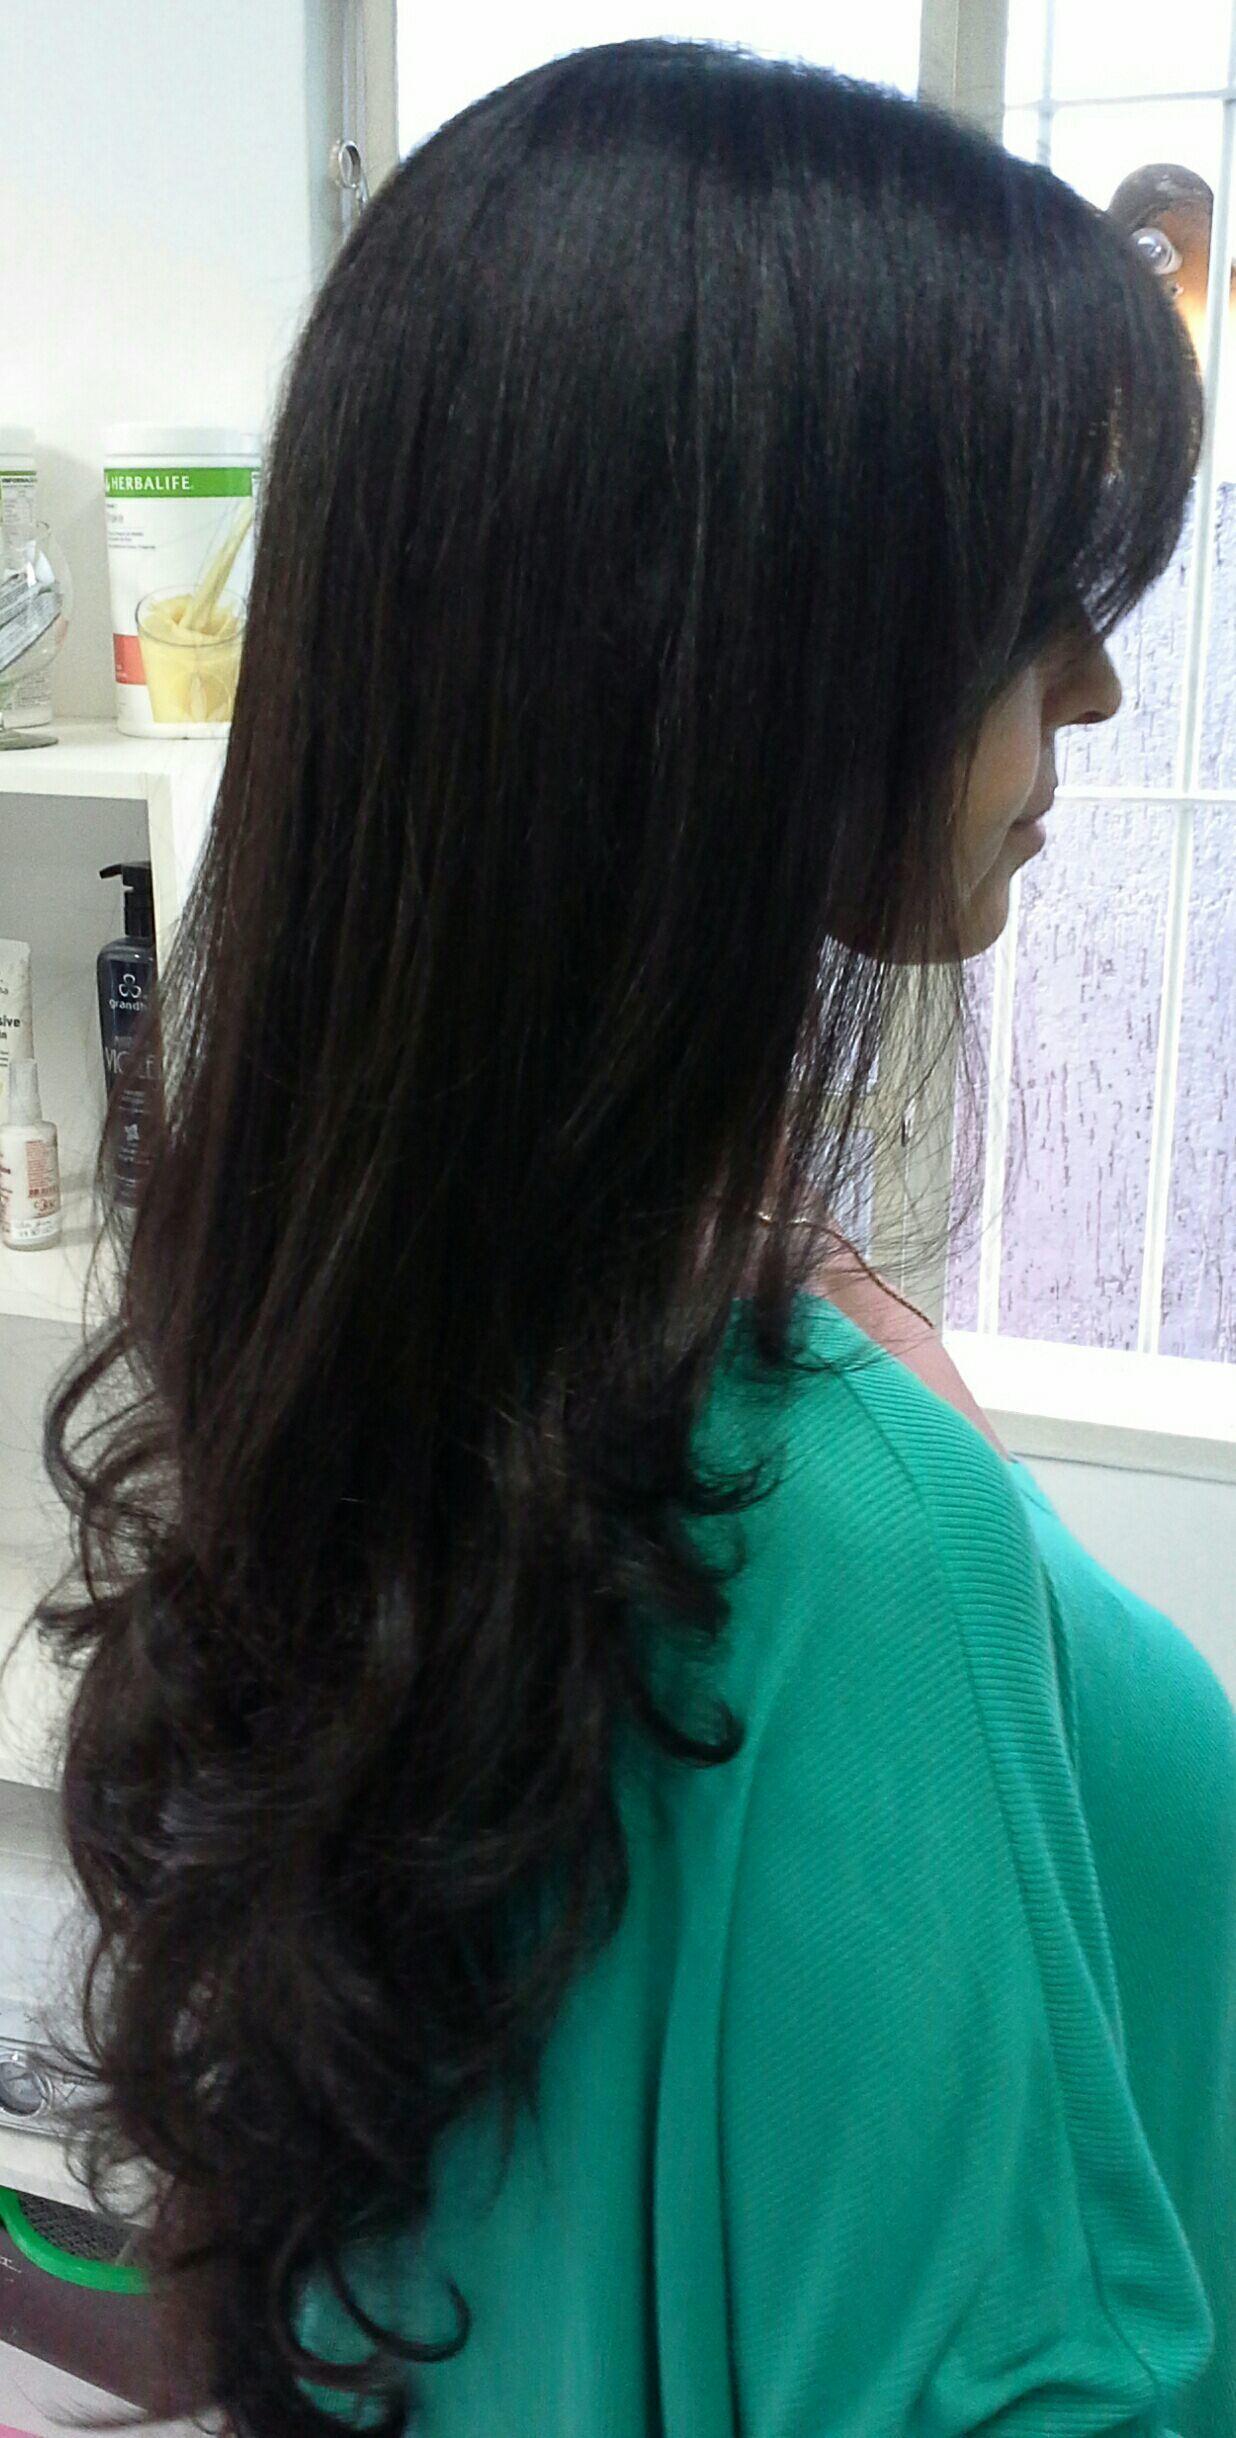 Cabelos  longos  corte  e escova  modelada com cachos cabelo stylist / visagista cabeleireiro(a)